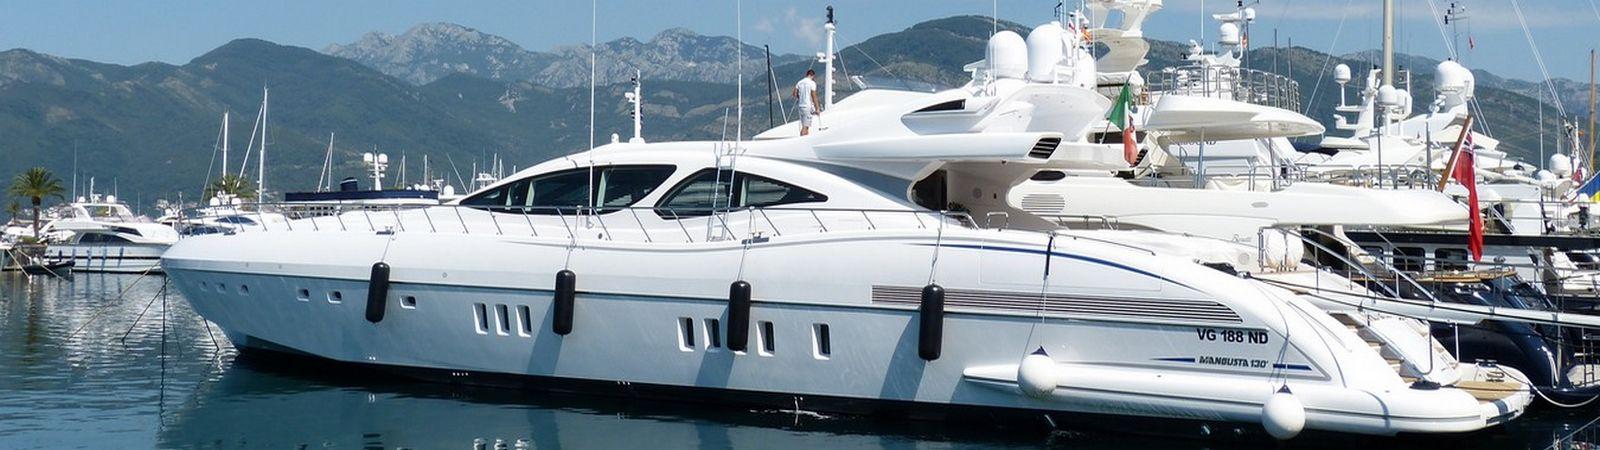 yacht-slider-2